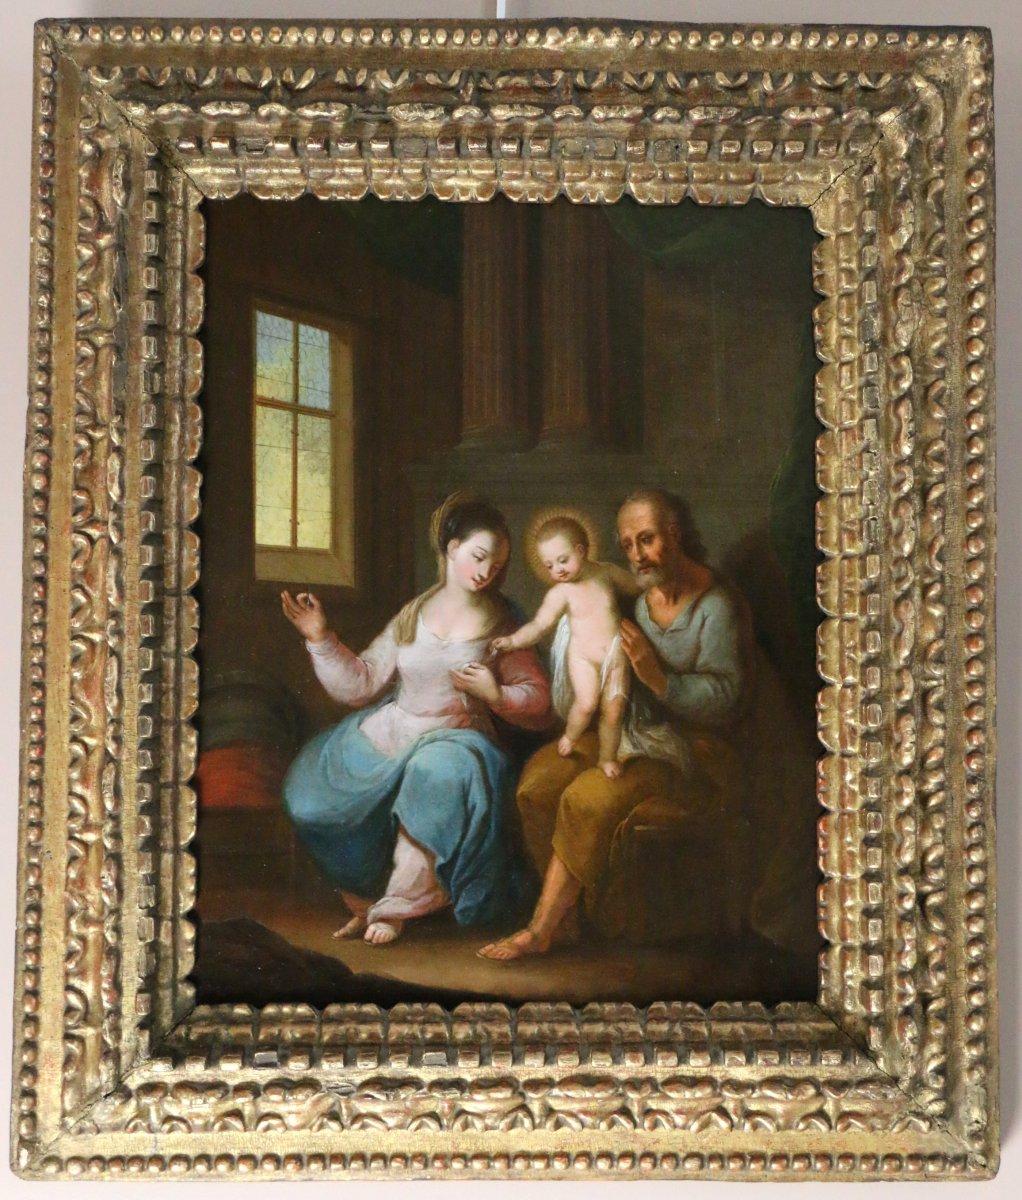 Ecole Flamande Du 17e Siècle Monogrammée - La Sainte Famille Dans Un Intérieur